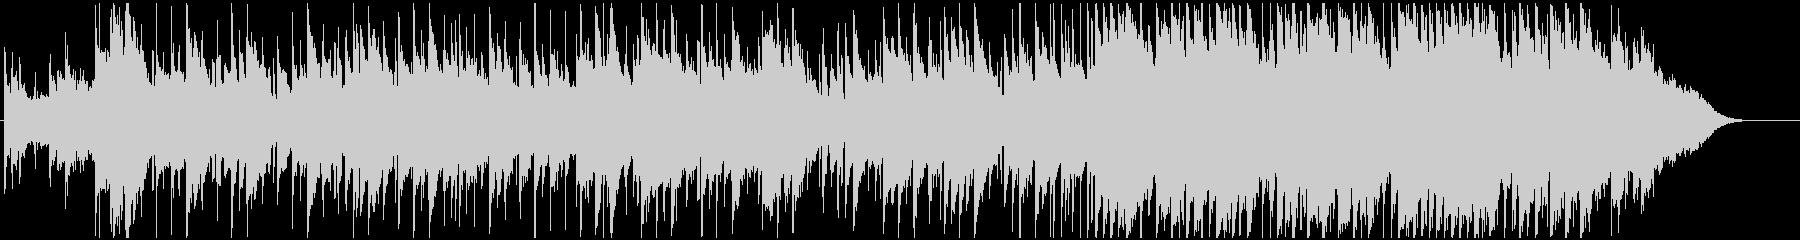 広がりのある美しいメロディーのBGMの未再生の波形